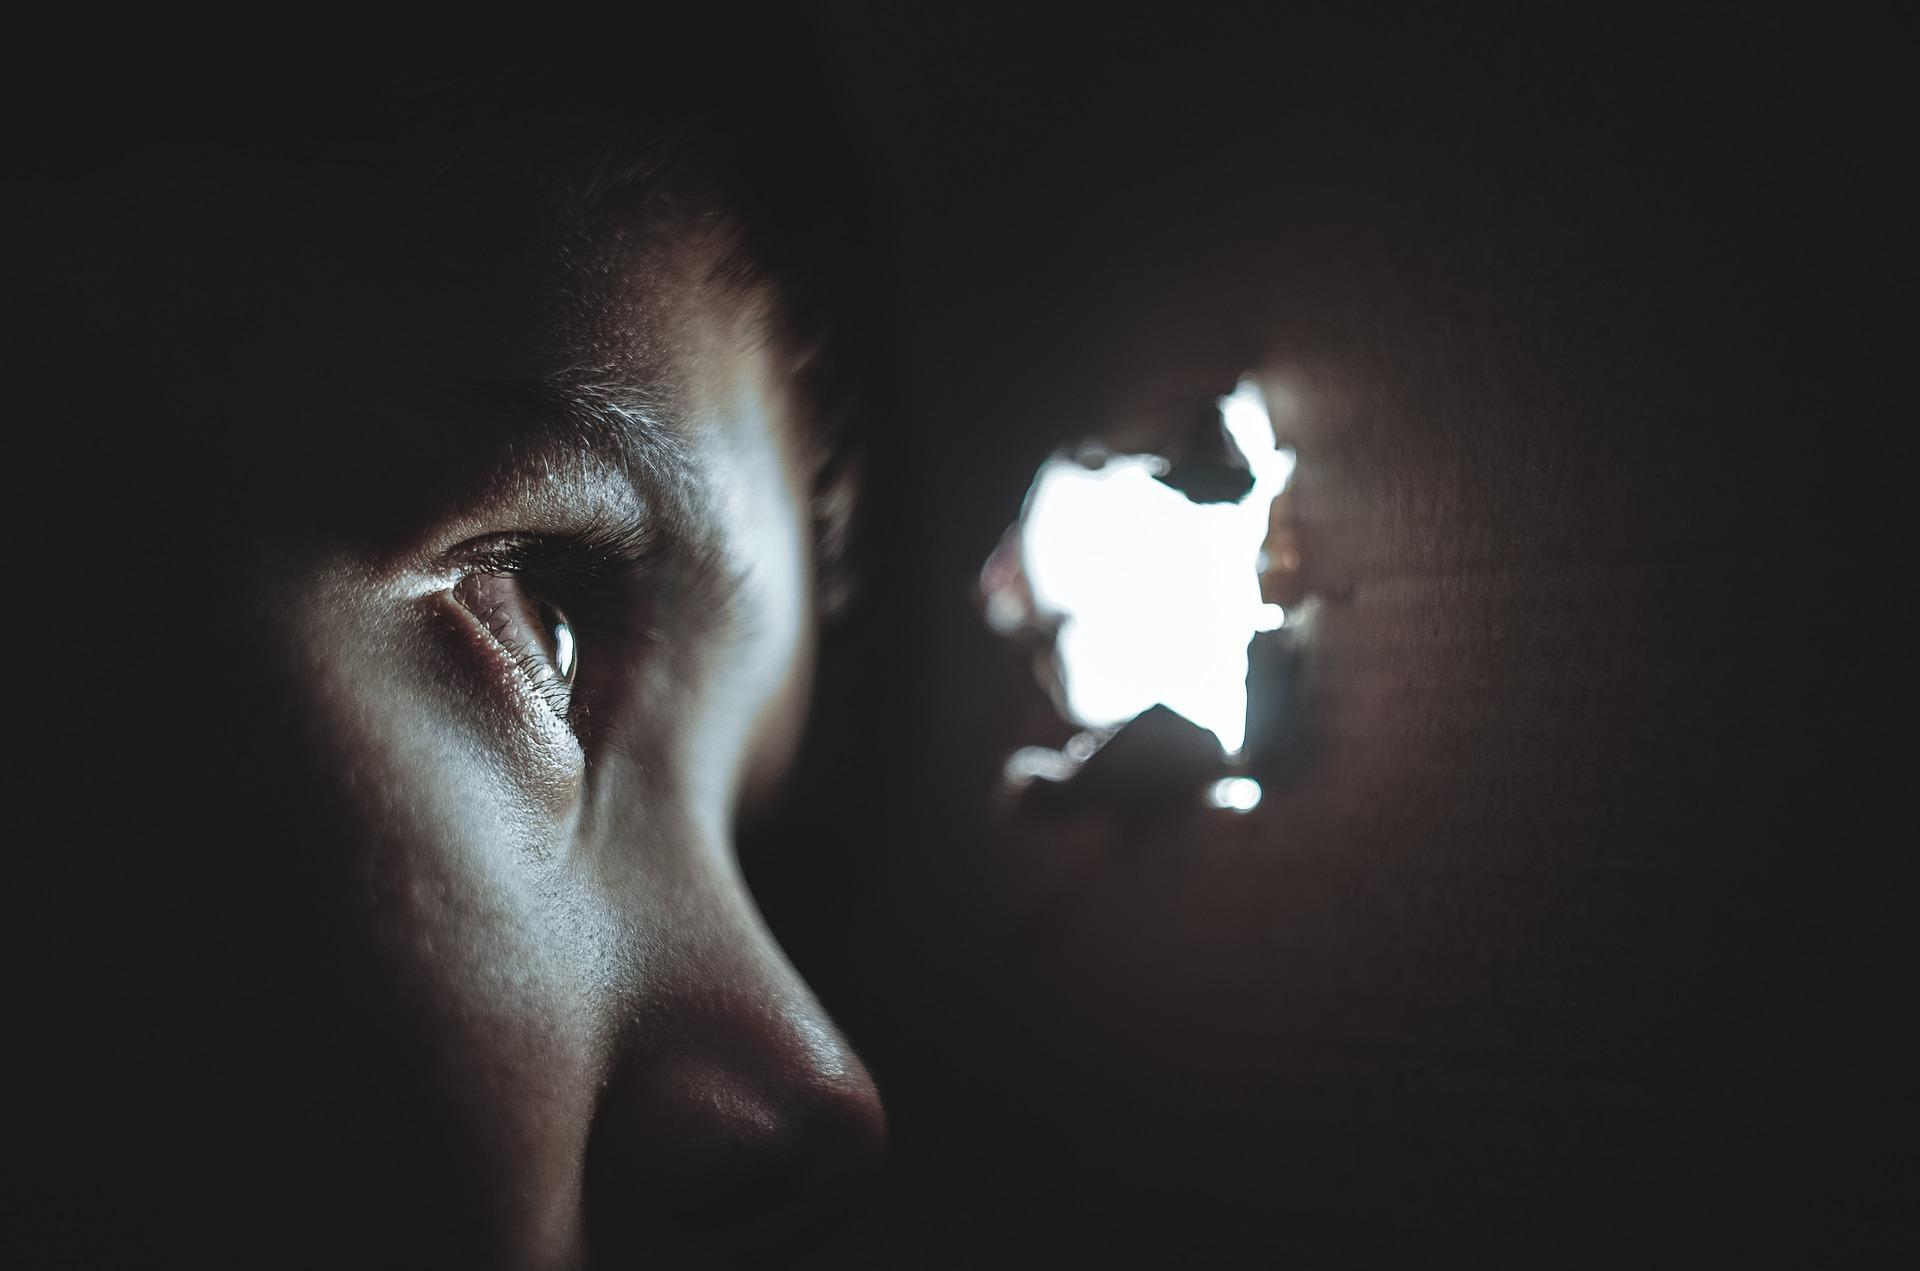 Warum haben wir Angst - Glücksdetektiv